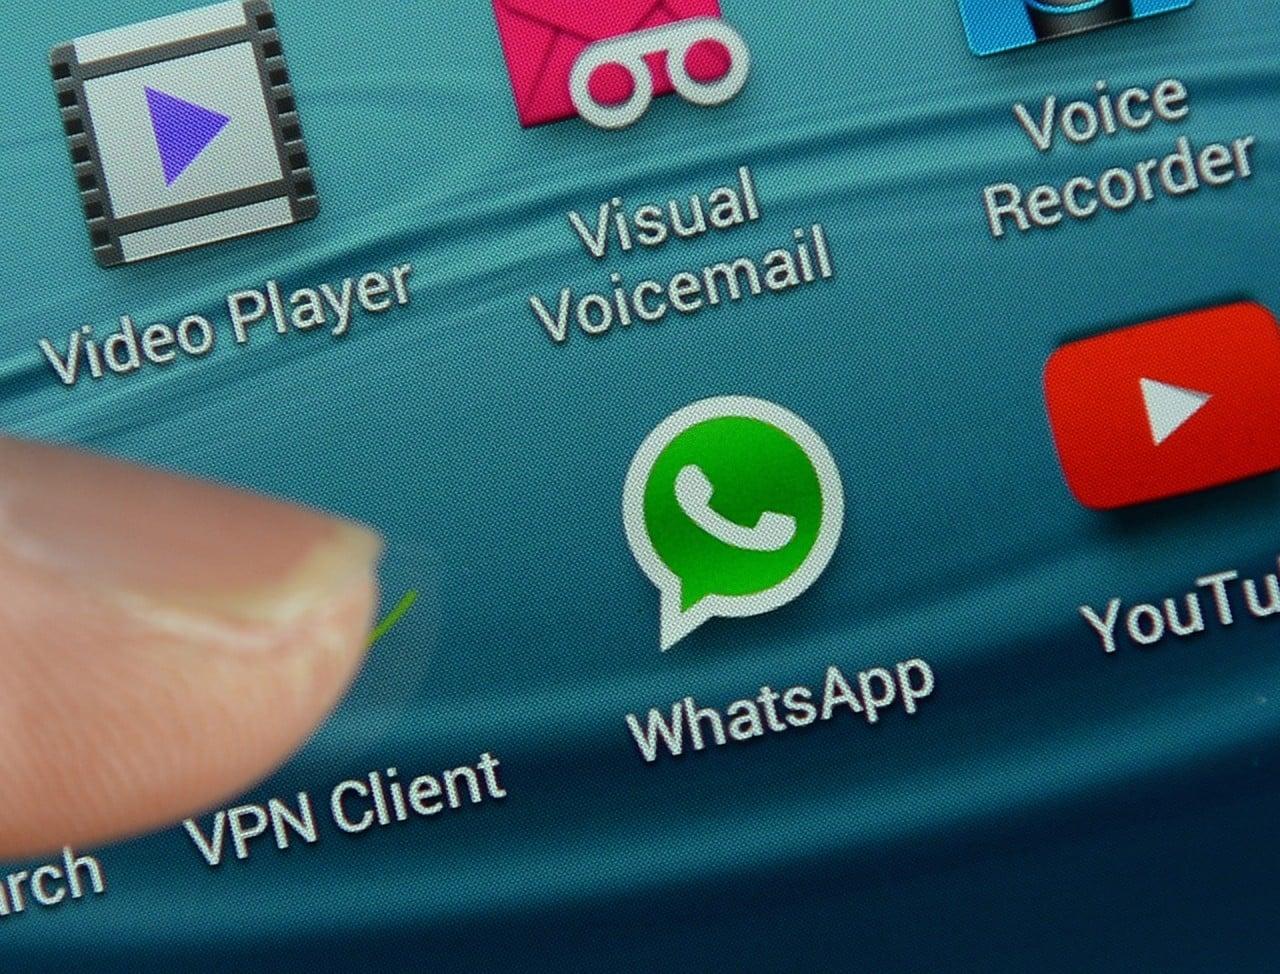 WhatsApp col pugno di ferro: bannati tutti gli utenti di WhatsApp+ (aggiornato)